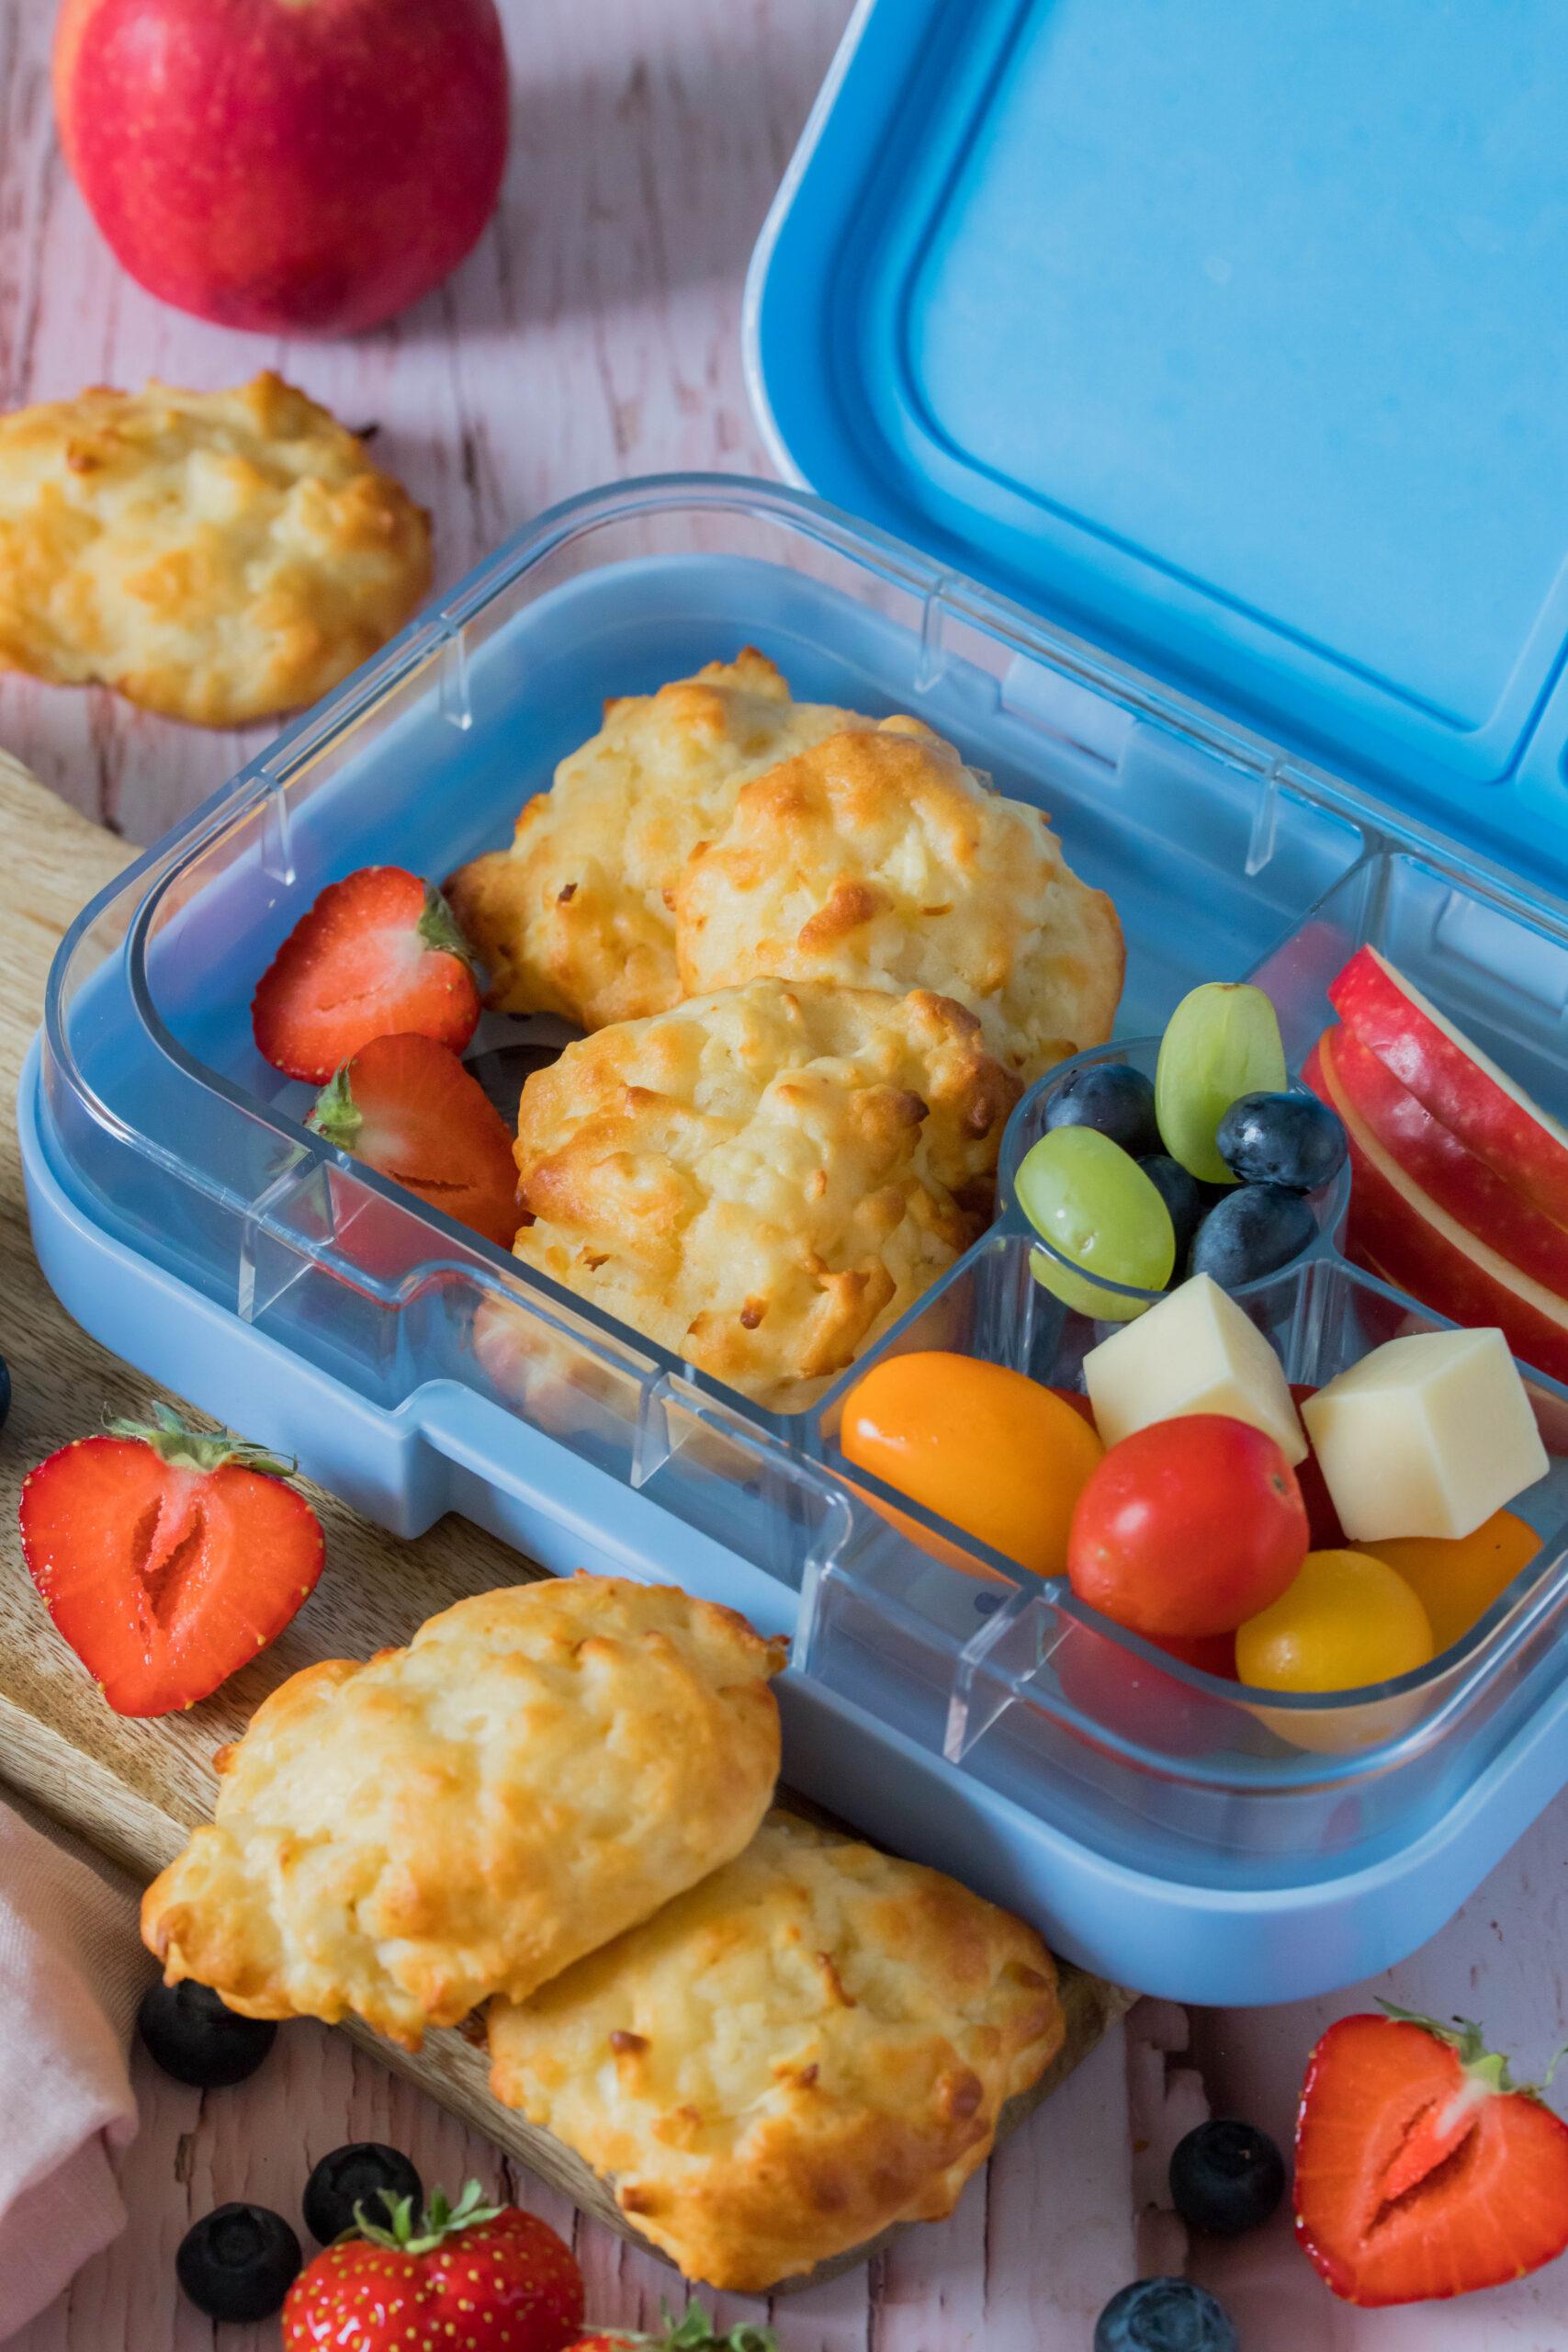 Gesunde und leckere Brotdosenidee- fluffig weiche Apfel-Quark Wölkchen